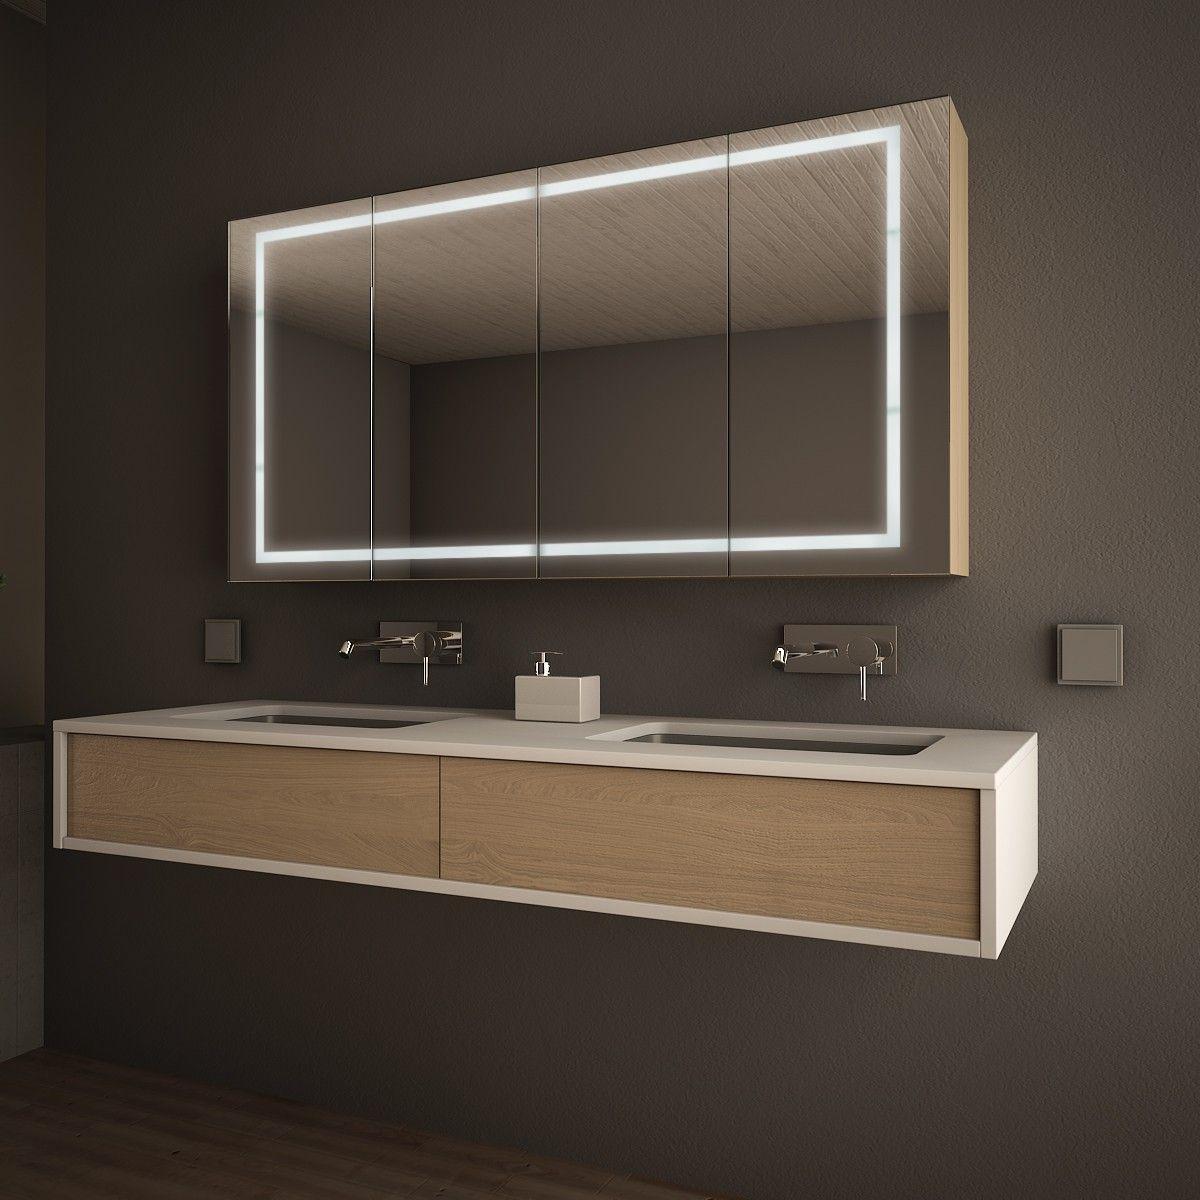 Spiegelschrank Mit Led Runtom 989705283 Badezimmer Spiegelschrank Spiegelschrank Badspiegelschrank